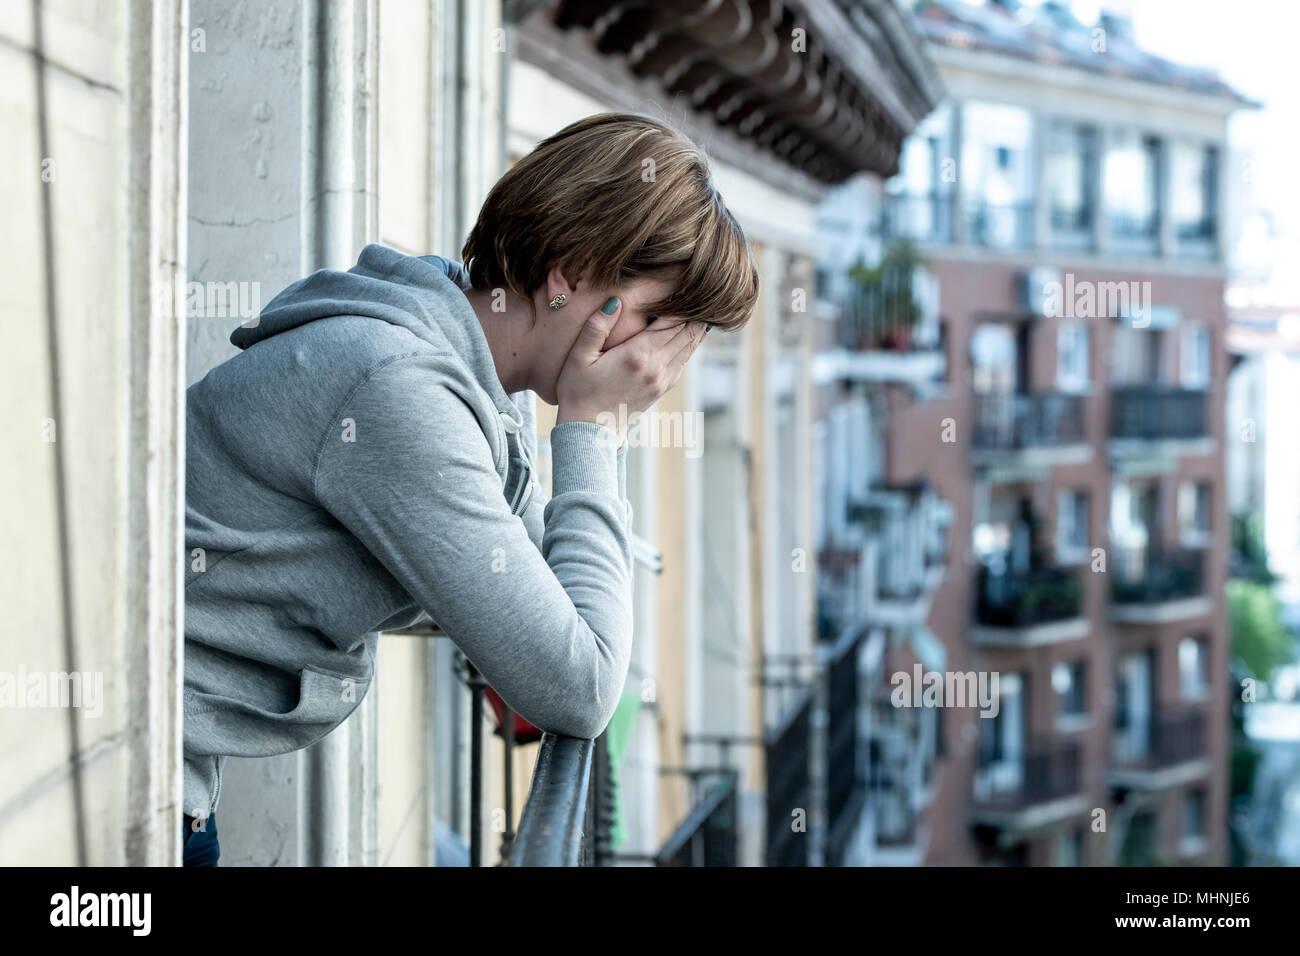 Junge attraktive unglücklich selbstmörderisch kaukasische Frau unter Depressionen leiden Gefühl verzweifelt, isoliert, wertlos auf home Balkon. Hand auf ihr Gesicht w Stockbild